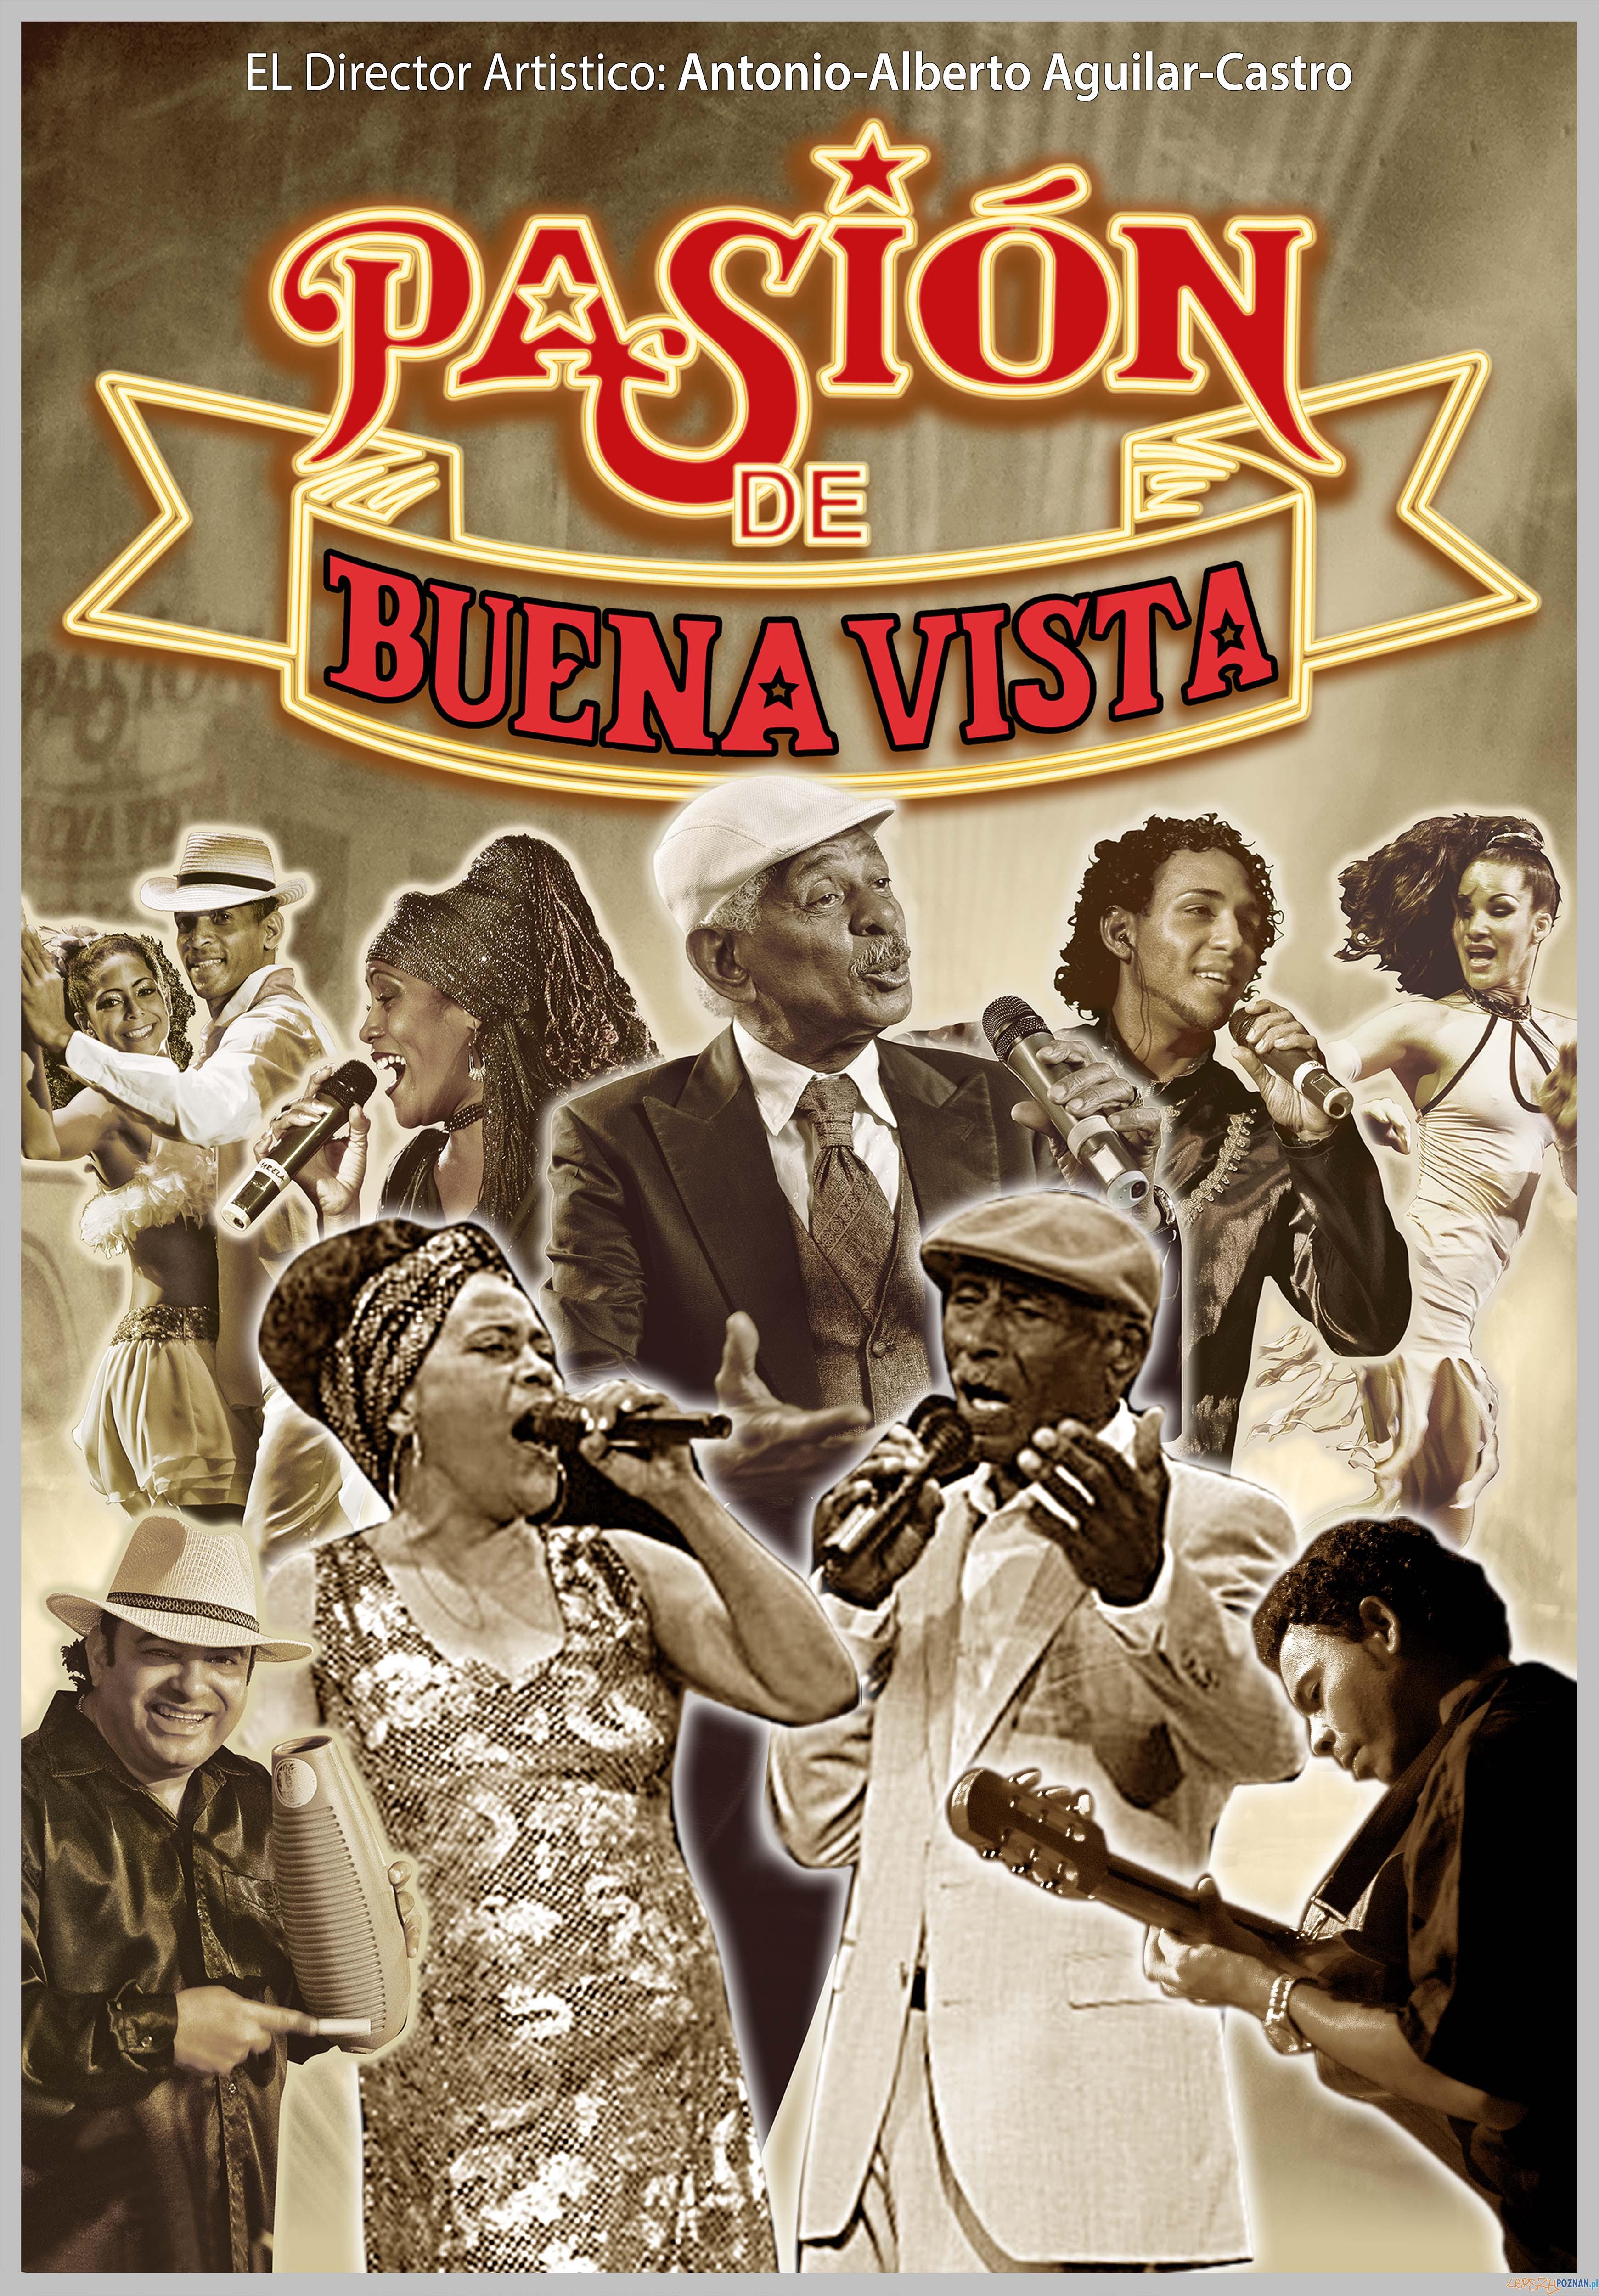 Pasión de Buena Vista  Foto: Matedriały prasowe